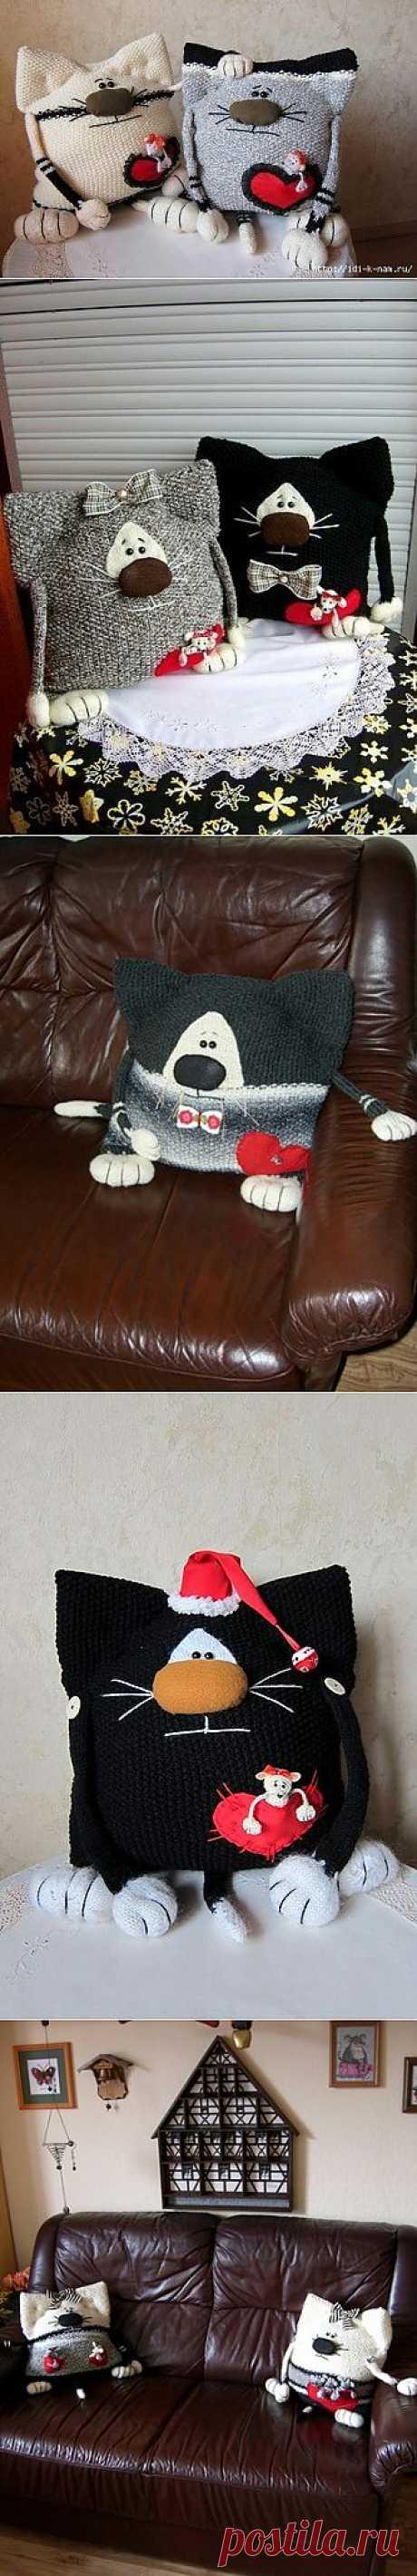 Забавные кото - подушки.